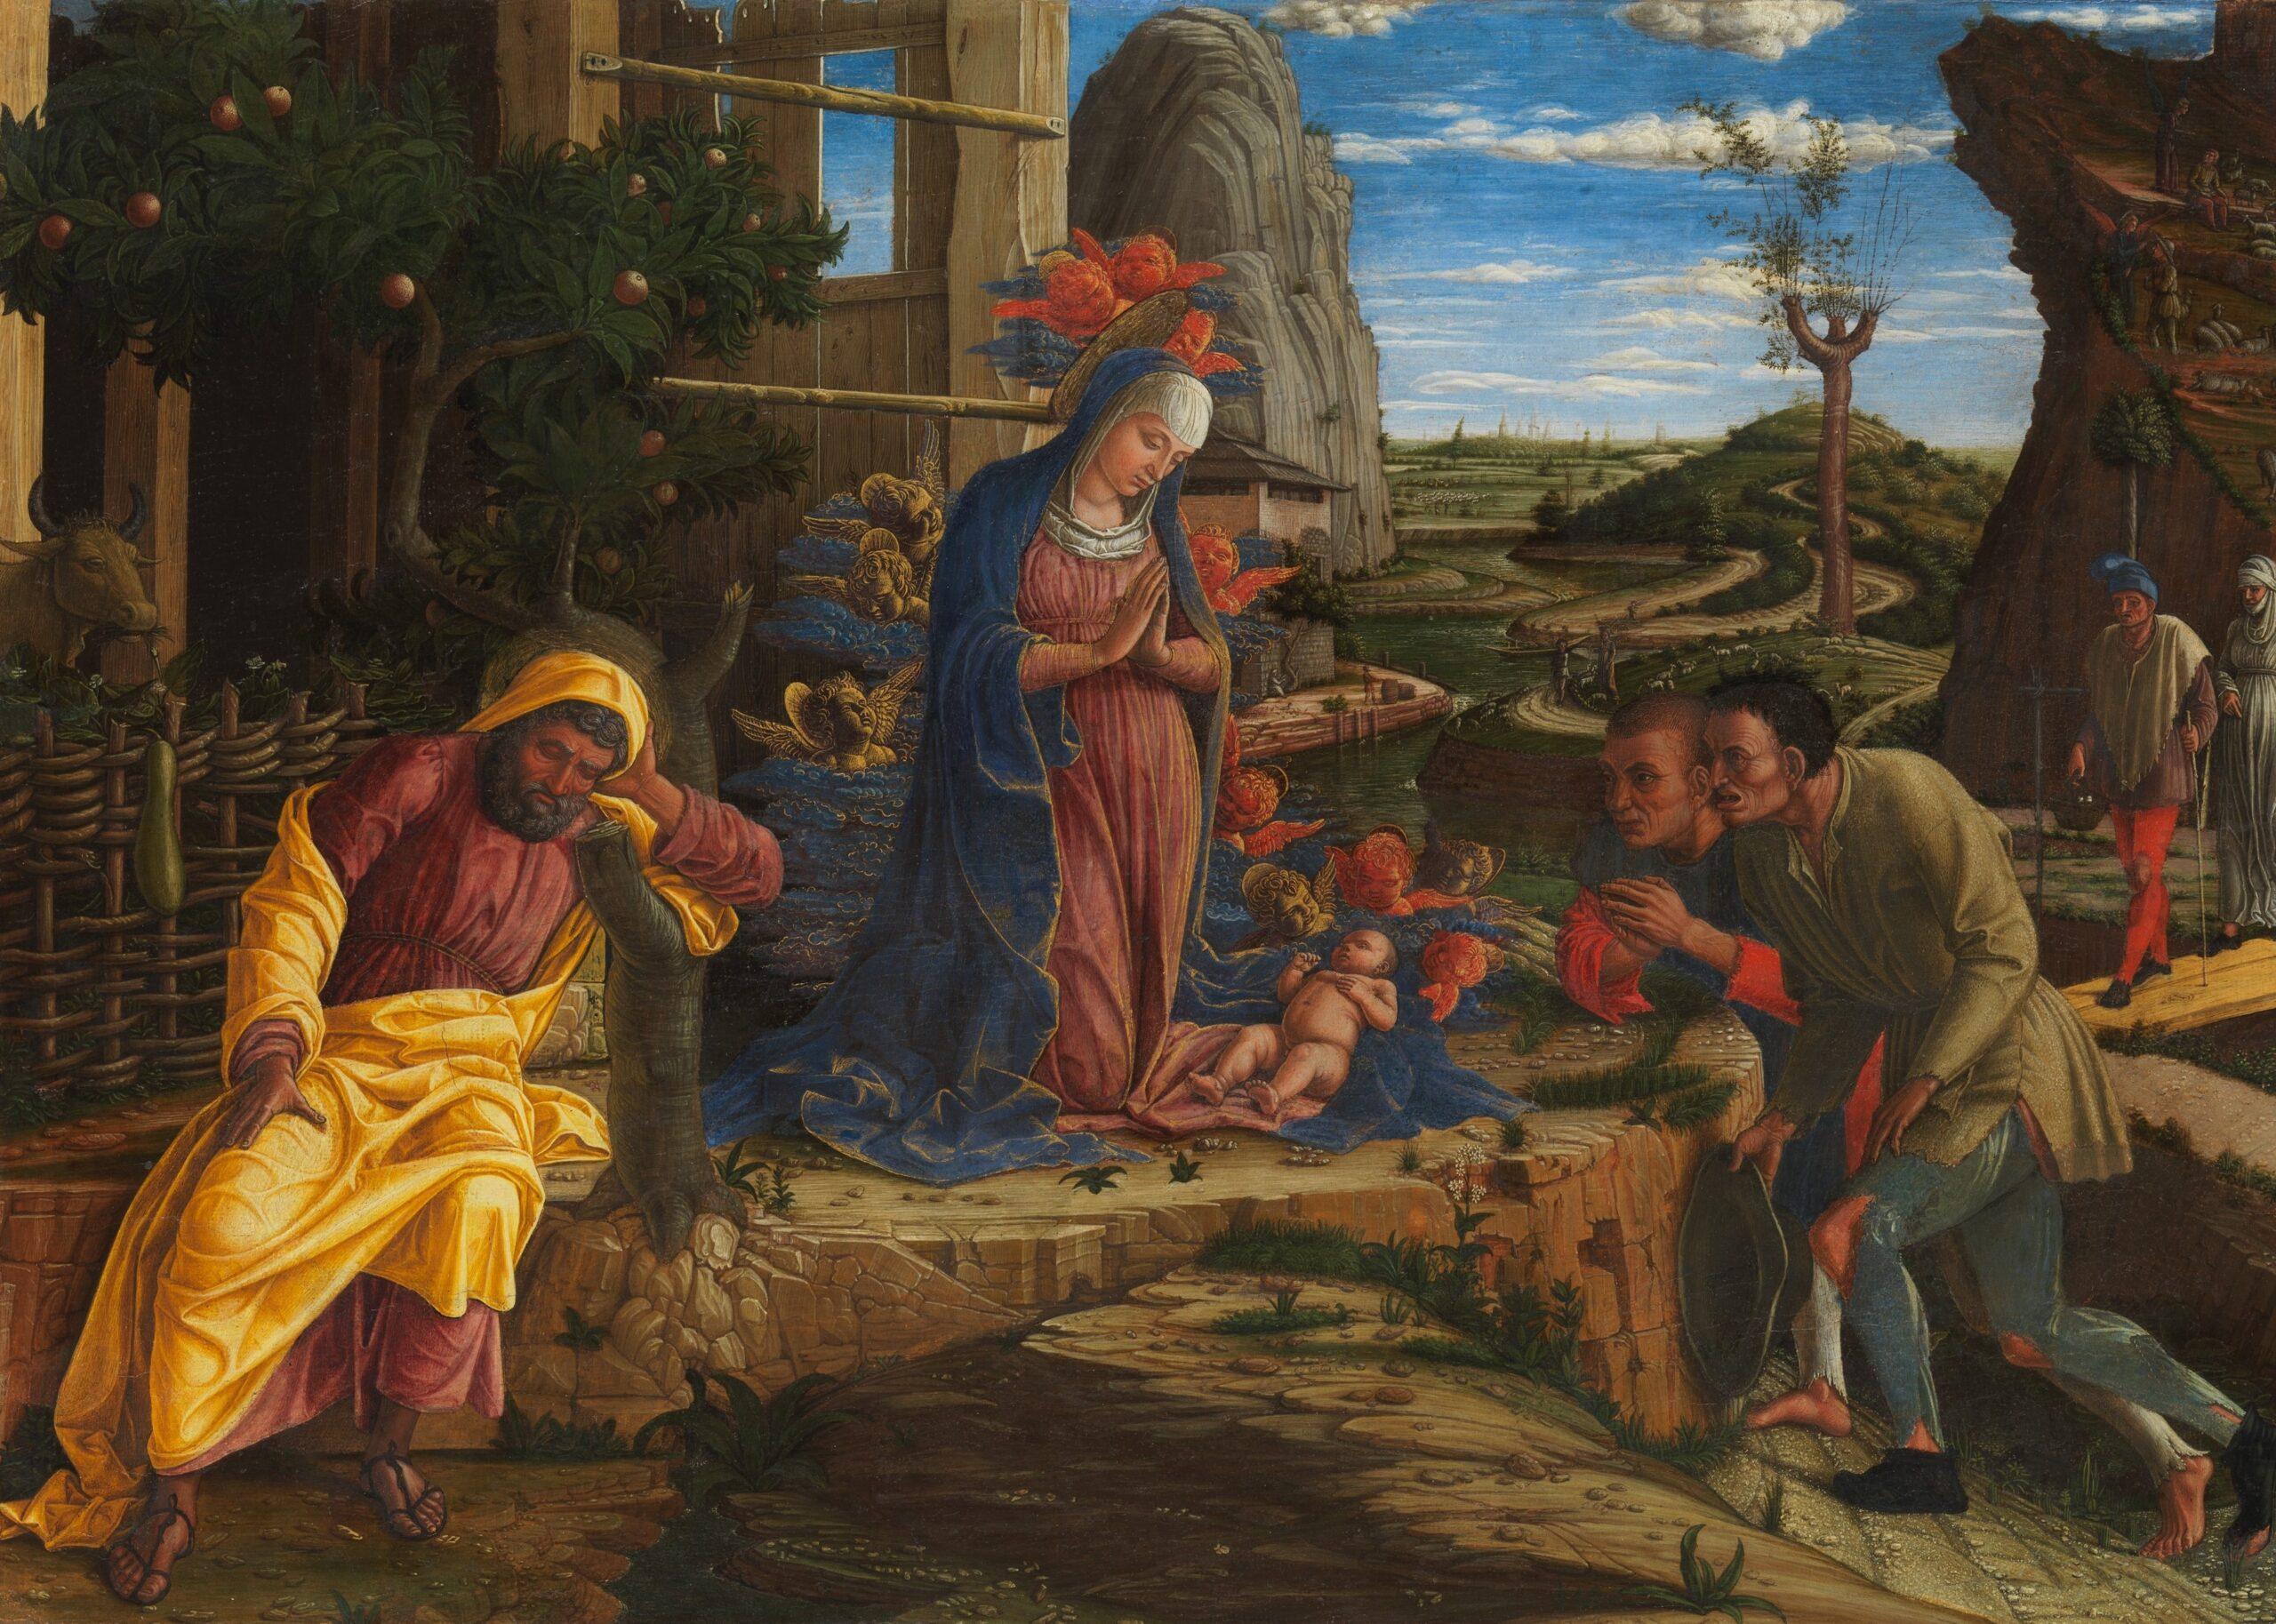 La Natività nella storia dell'arte: cinque opere per cinque secoli